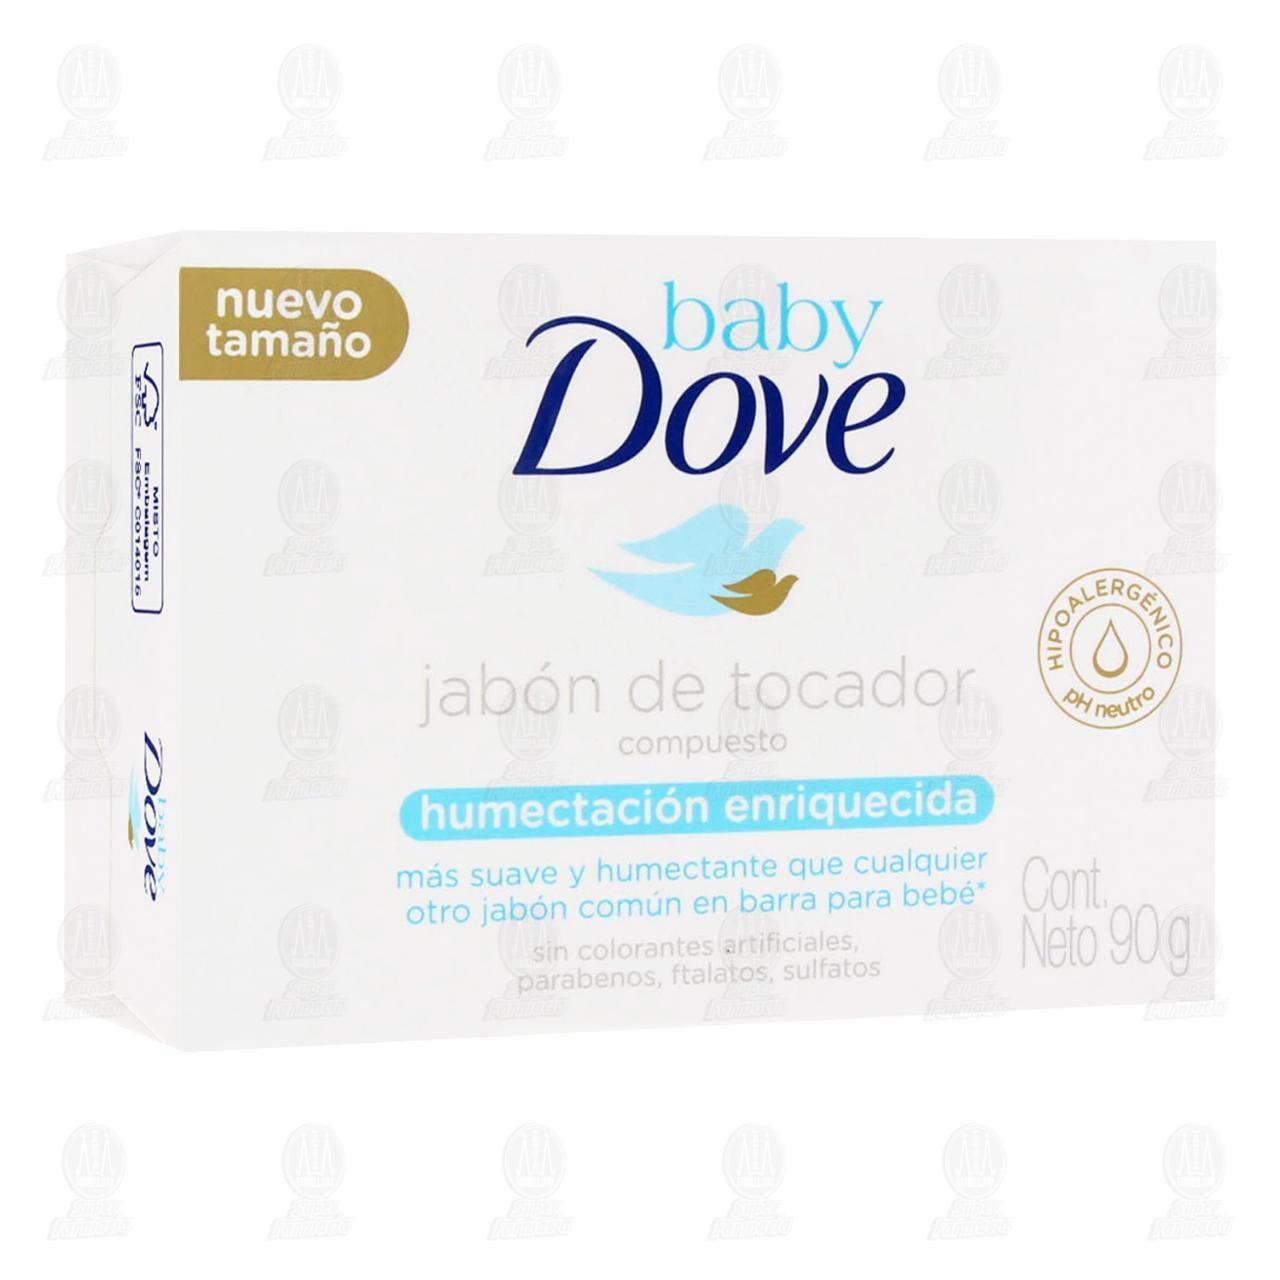 comprar https://www.movil.farmaciasguadalajara.com/wcsstore/FGCAS/wcs/products/1348353_A_1280_AL.jpg en farmacias guadalajara